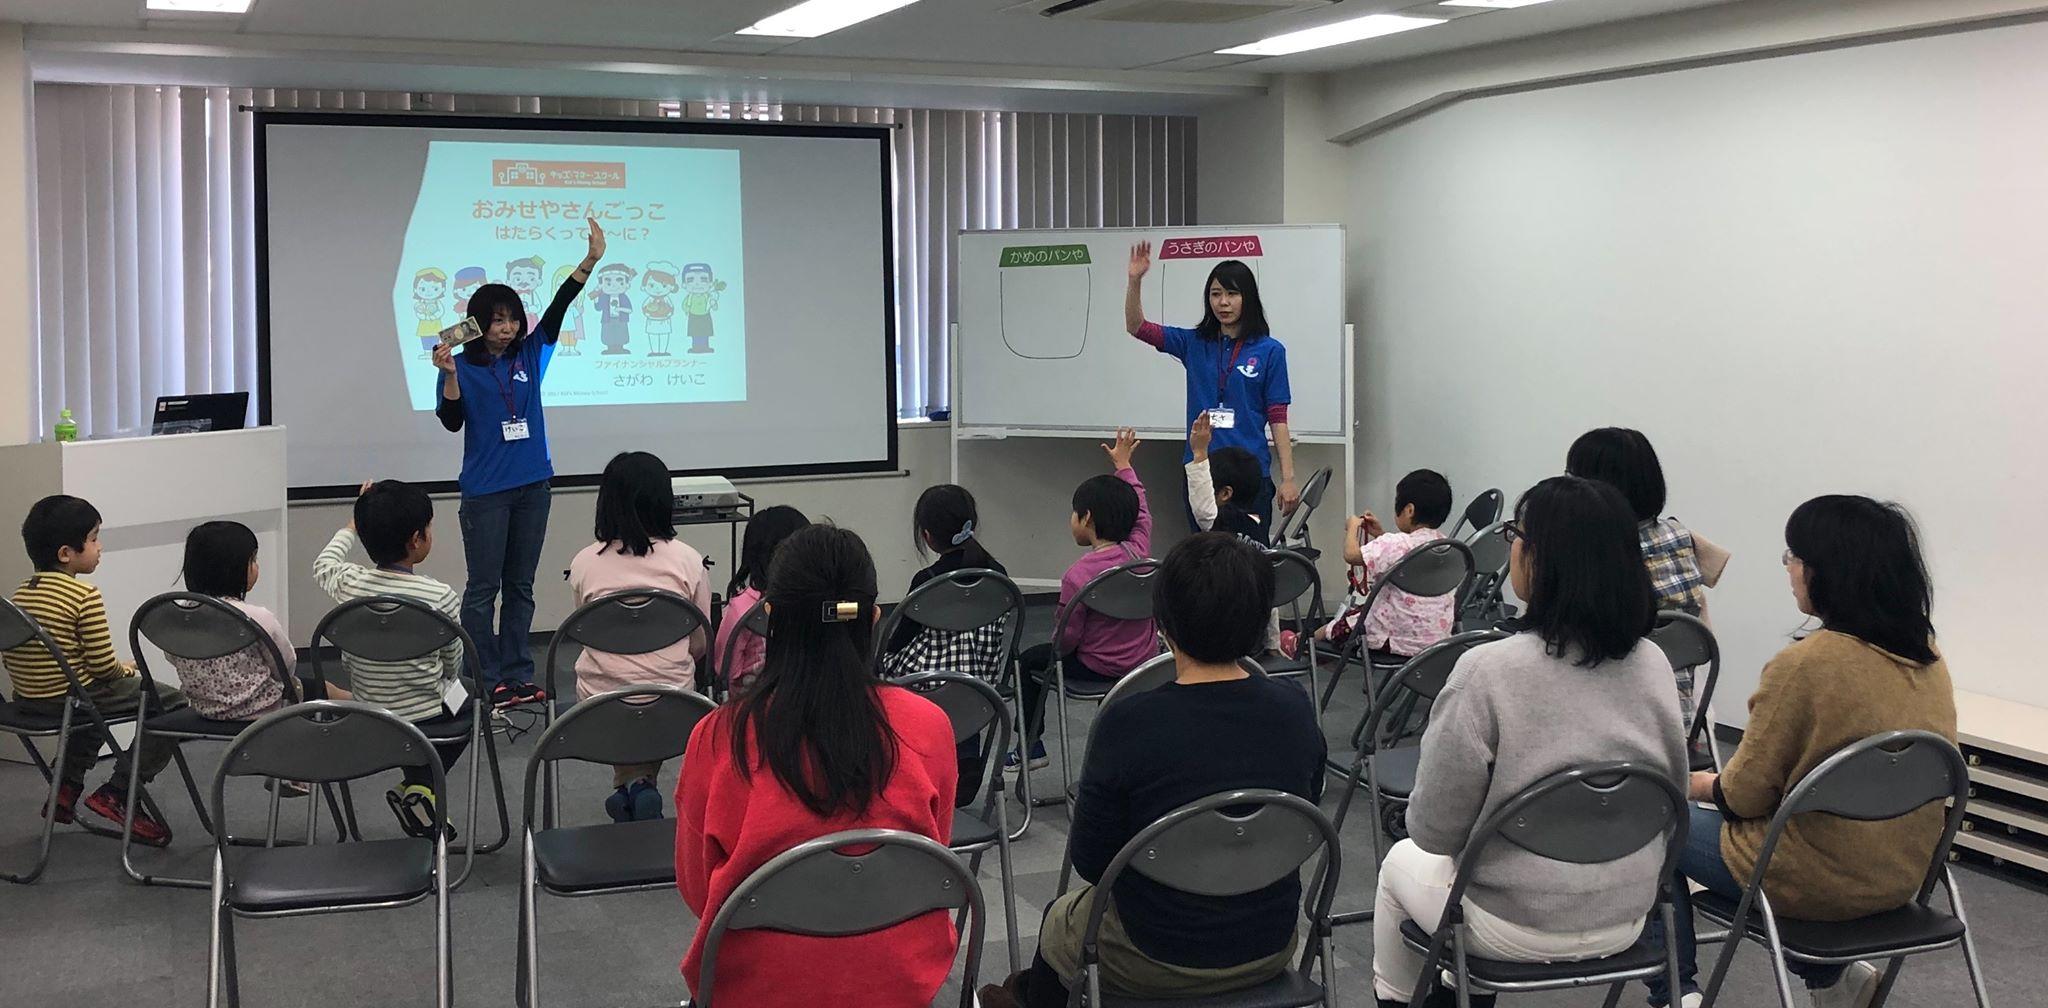 3/21広島でキッズマネースクールを開校しました。